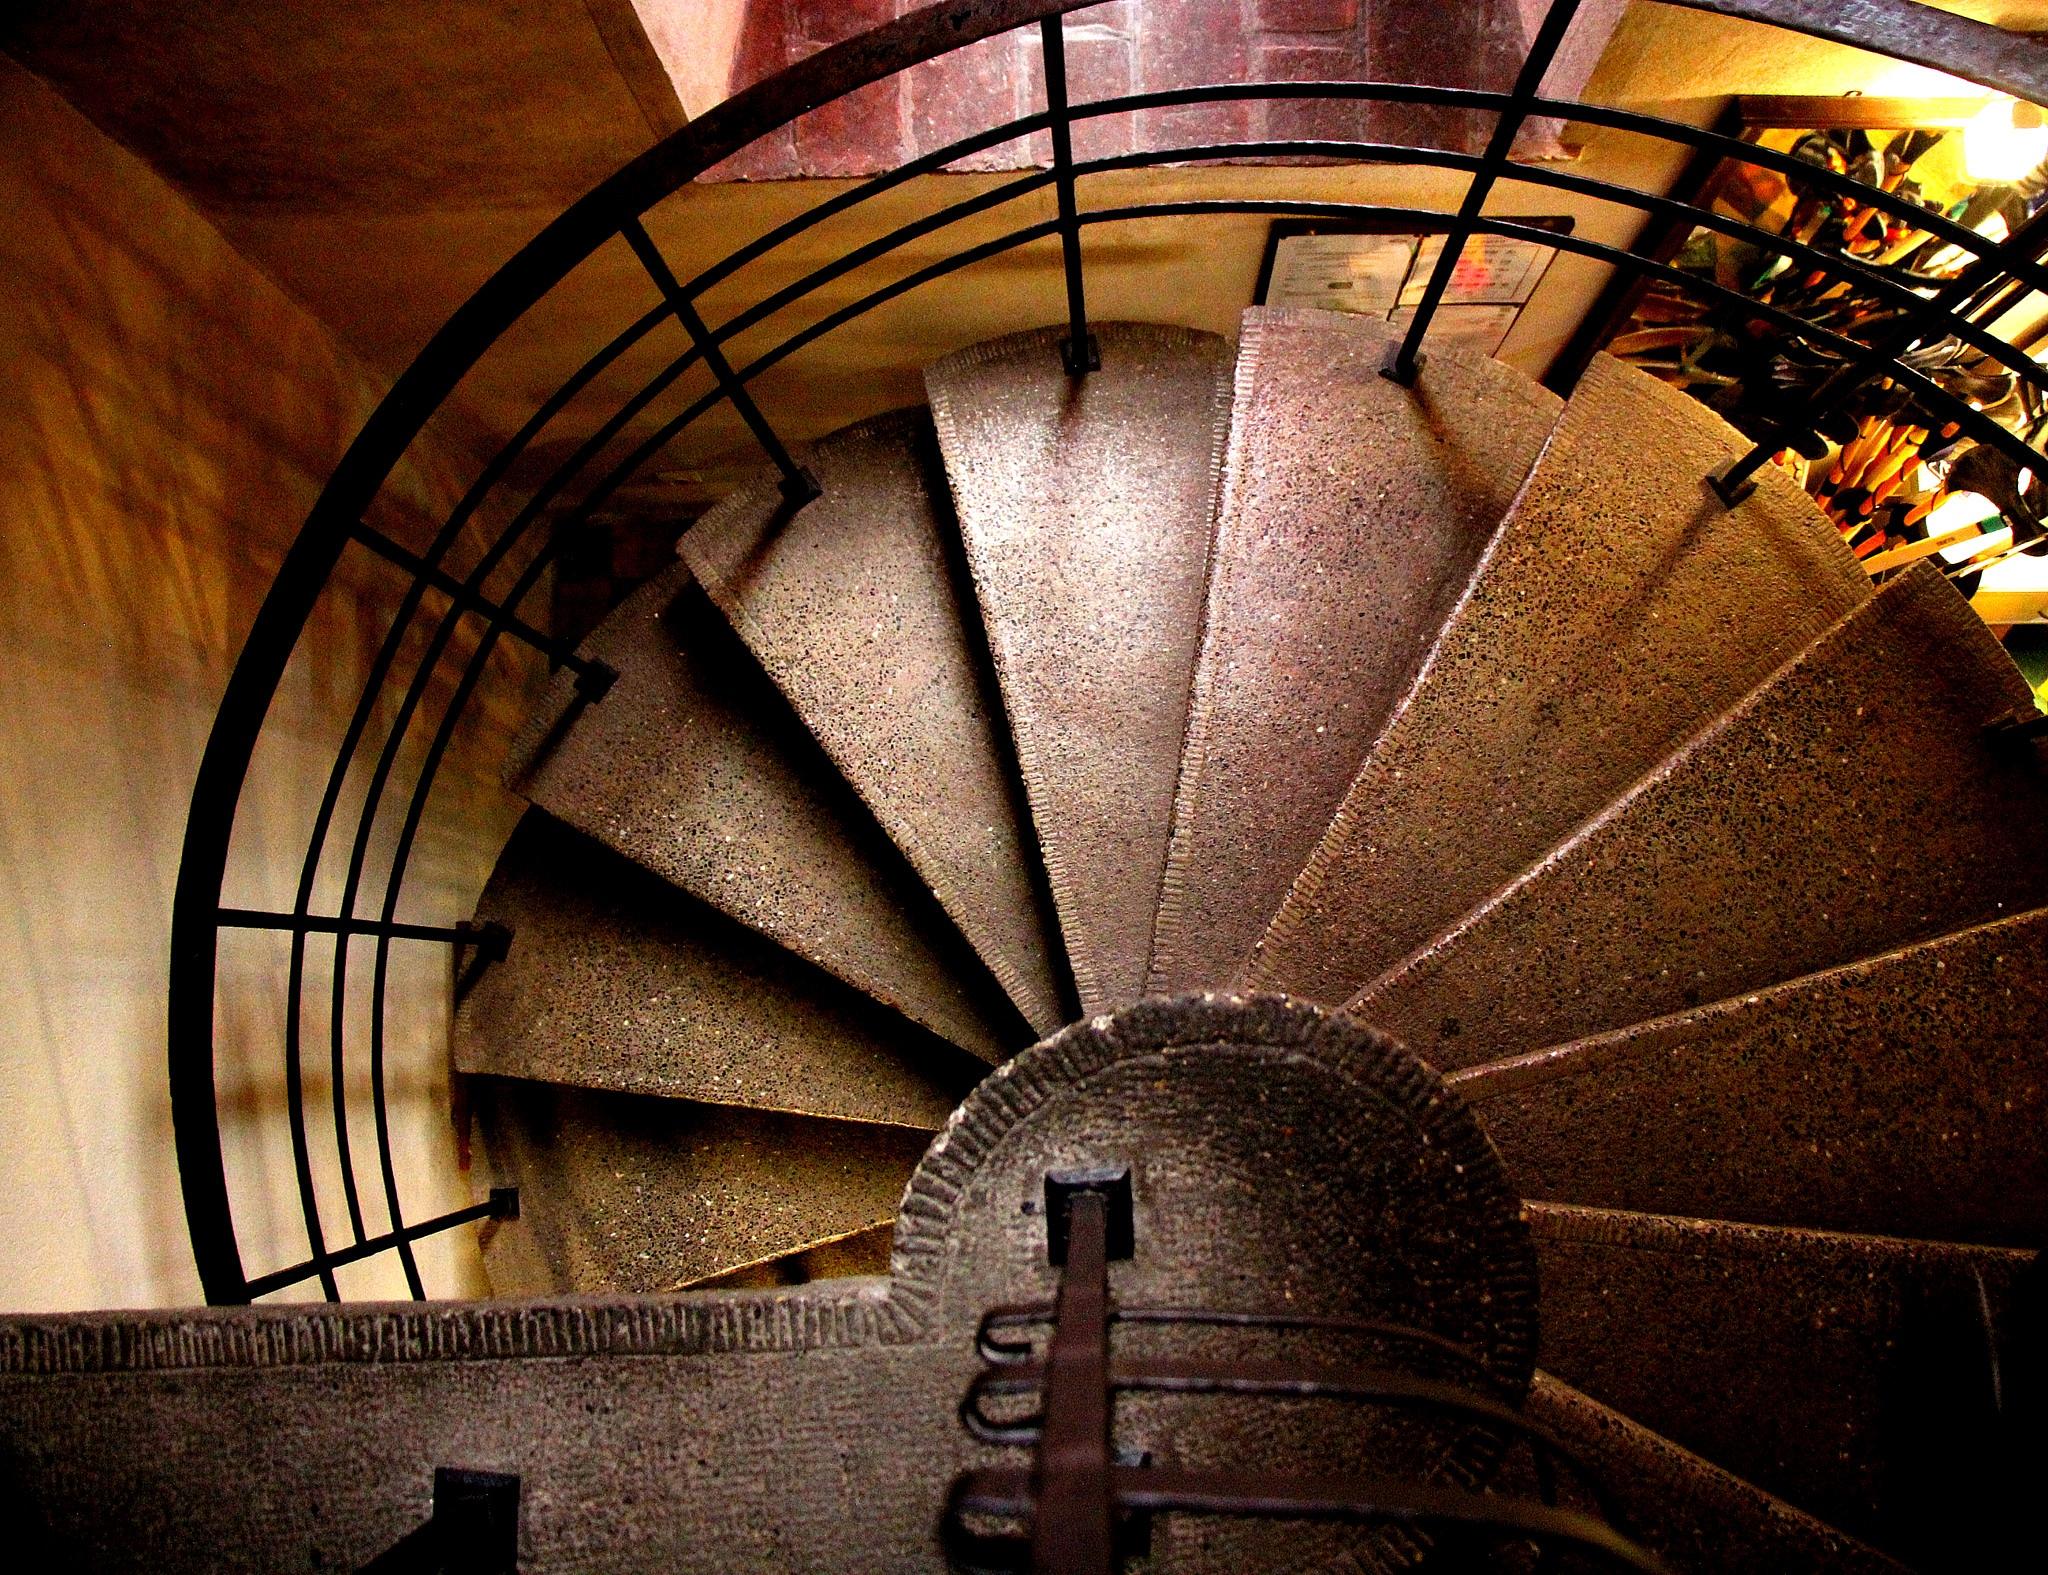 Stairs by Adam Wyciszkiewicz